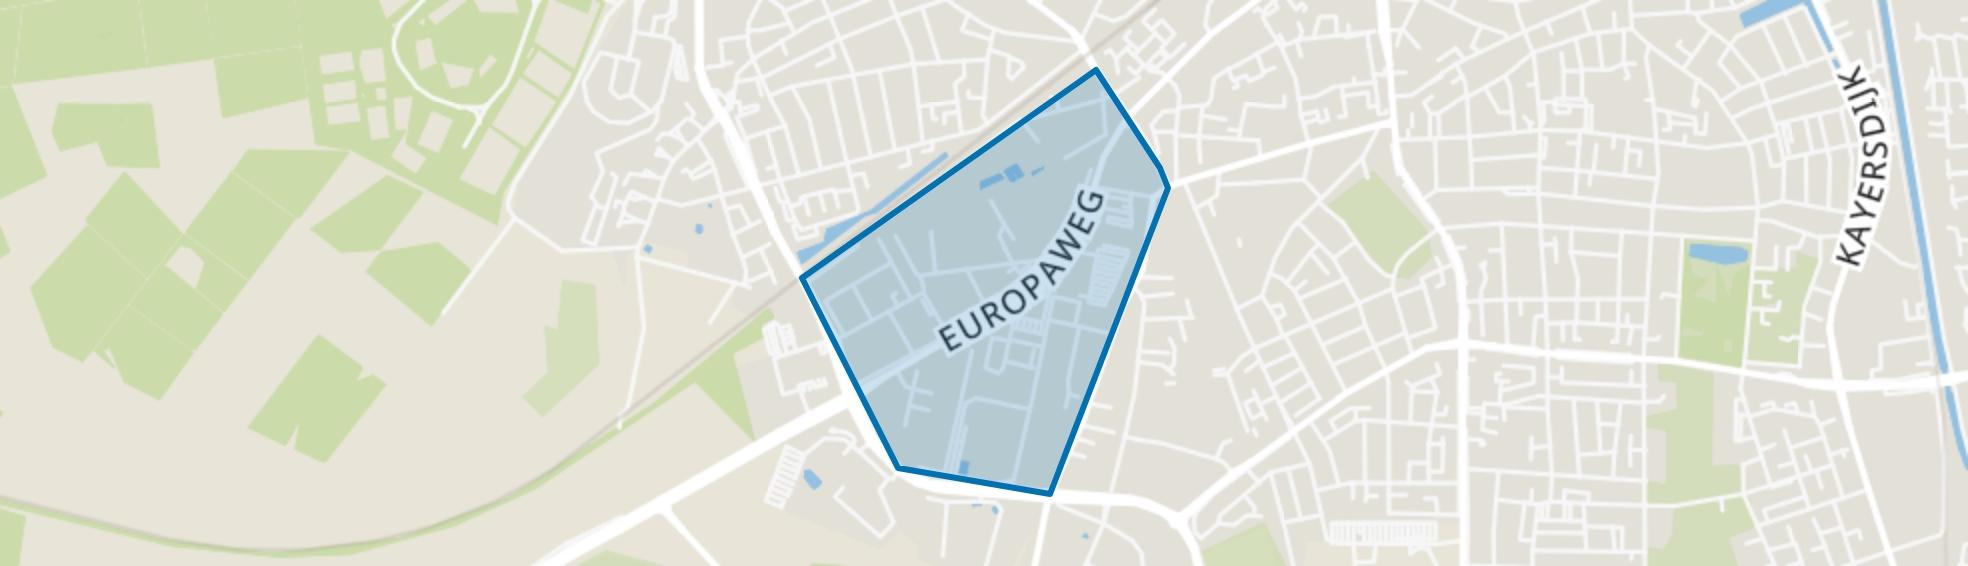 Brouwersmolen-Noord, Apeldoorn map